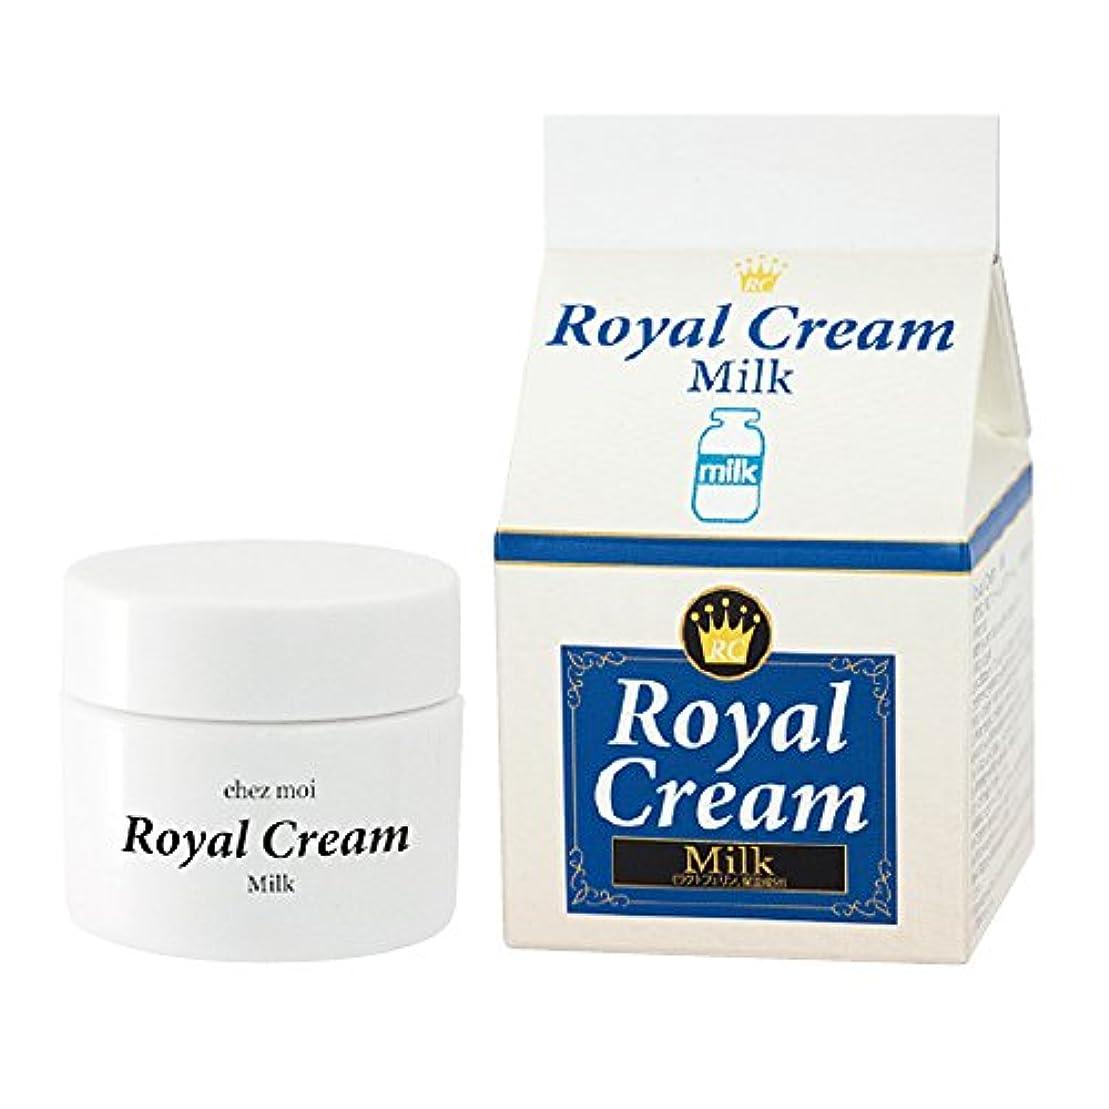 入手します増強する言い換えるとRoyal Cream(ロイヤルクリーム) Milk(ミルク) 30g